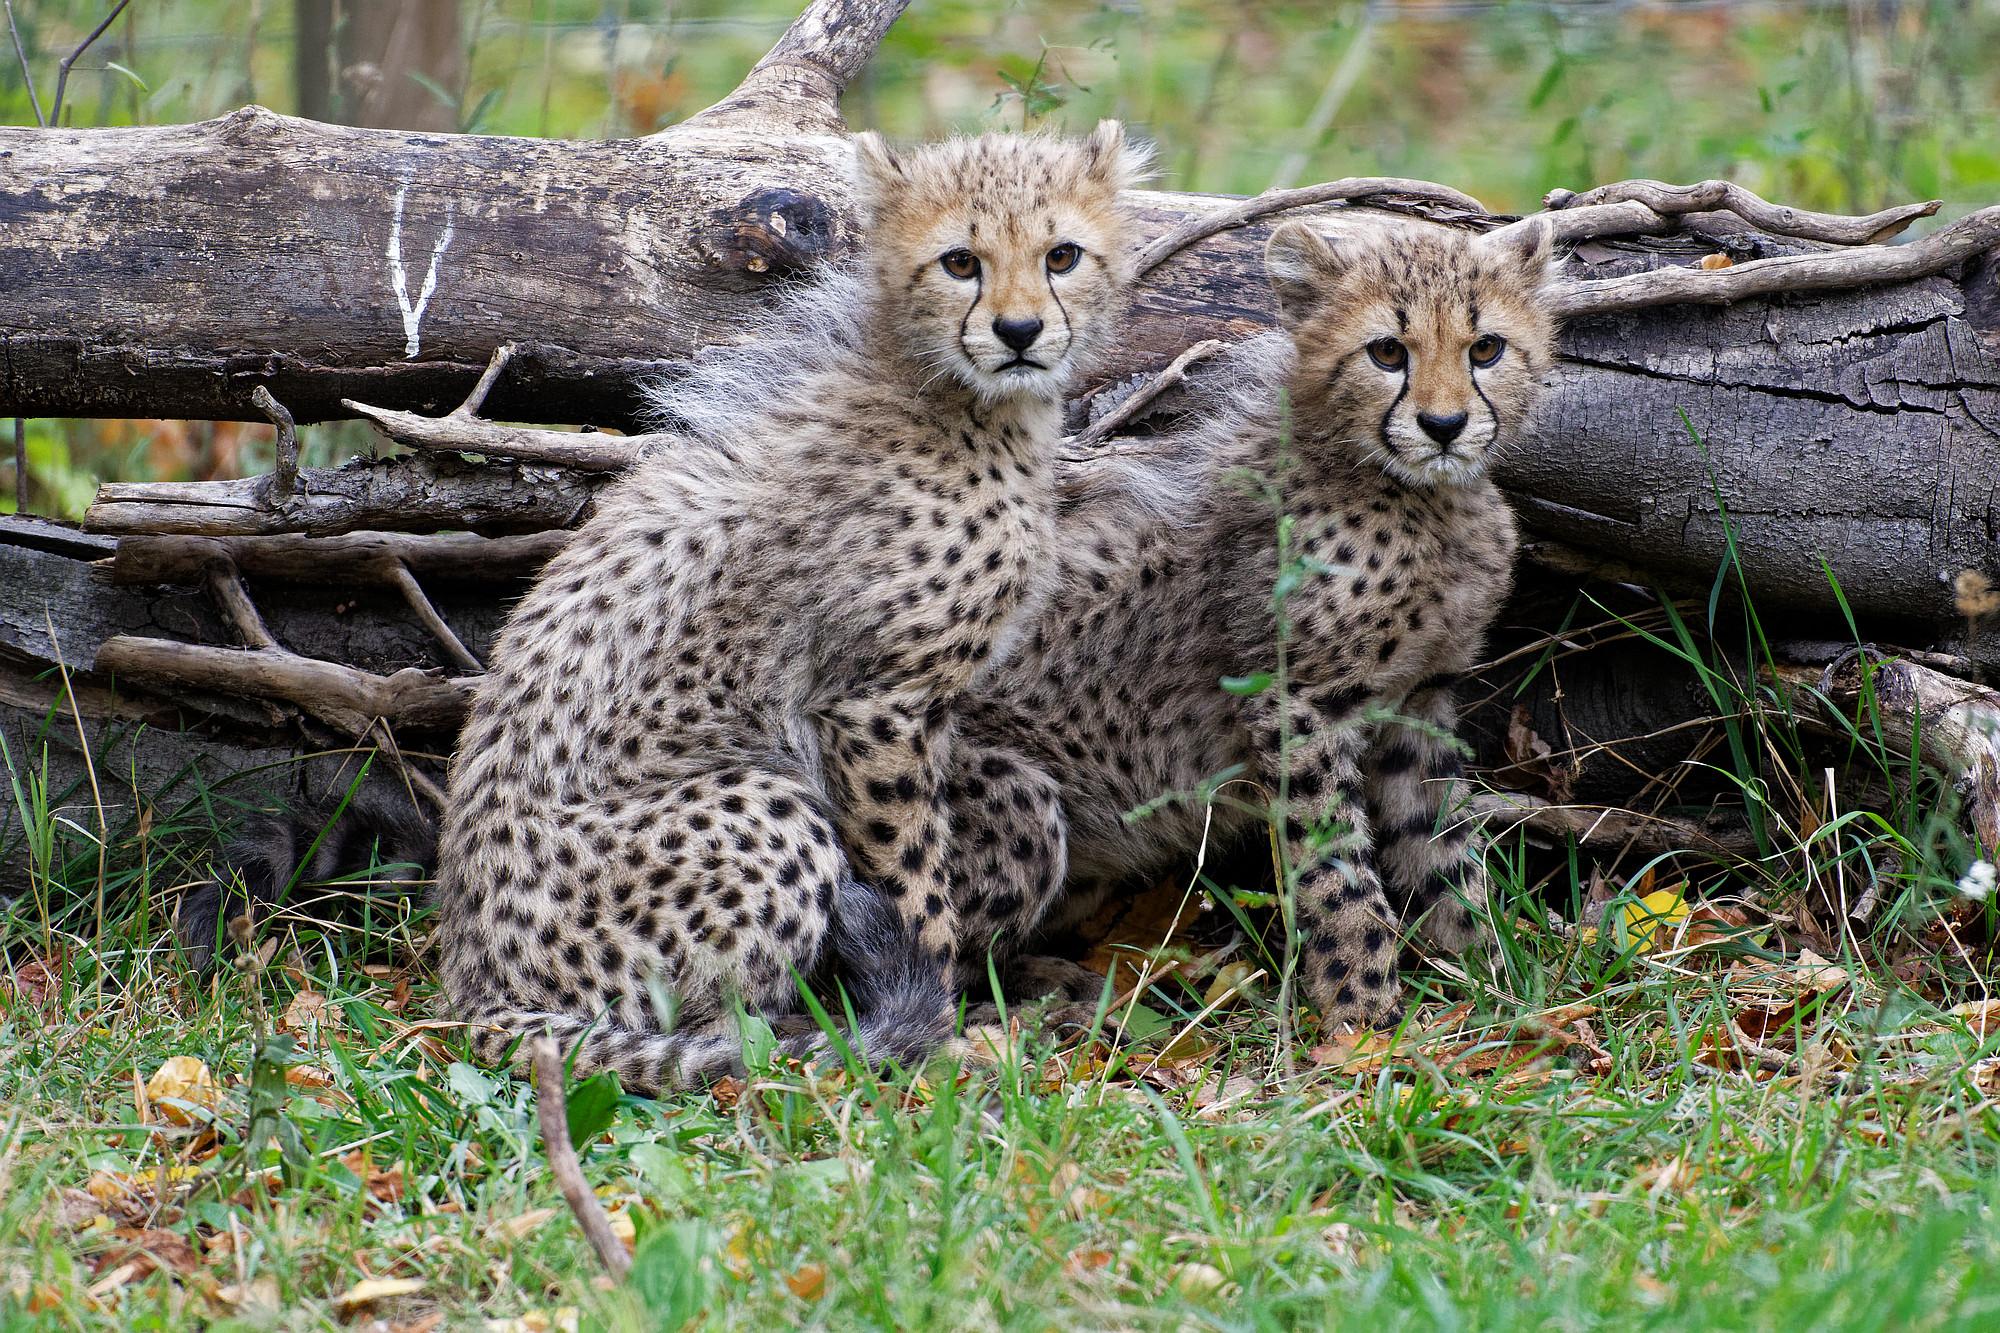 geparden jungtiere international cheetah day 2020-12-04